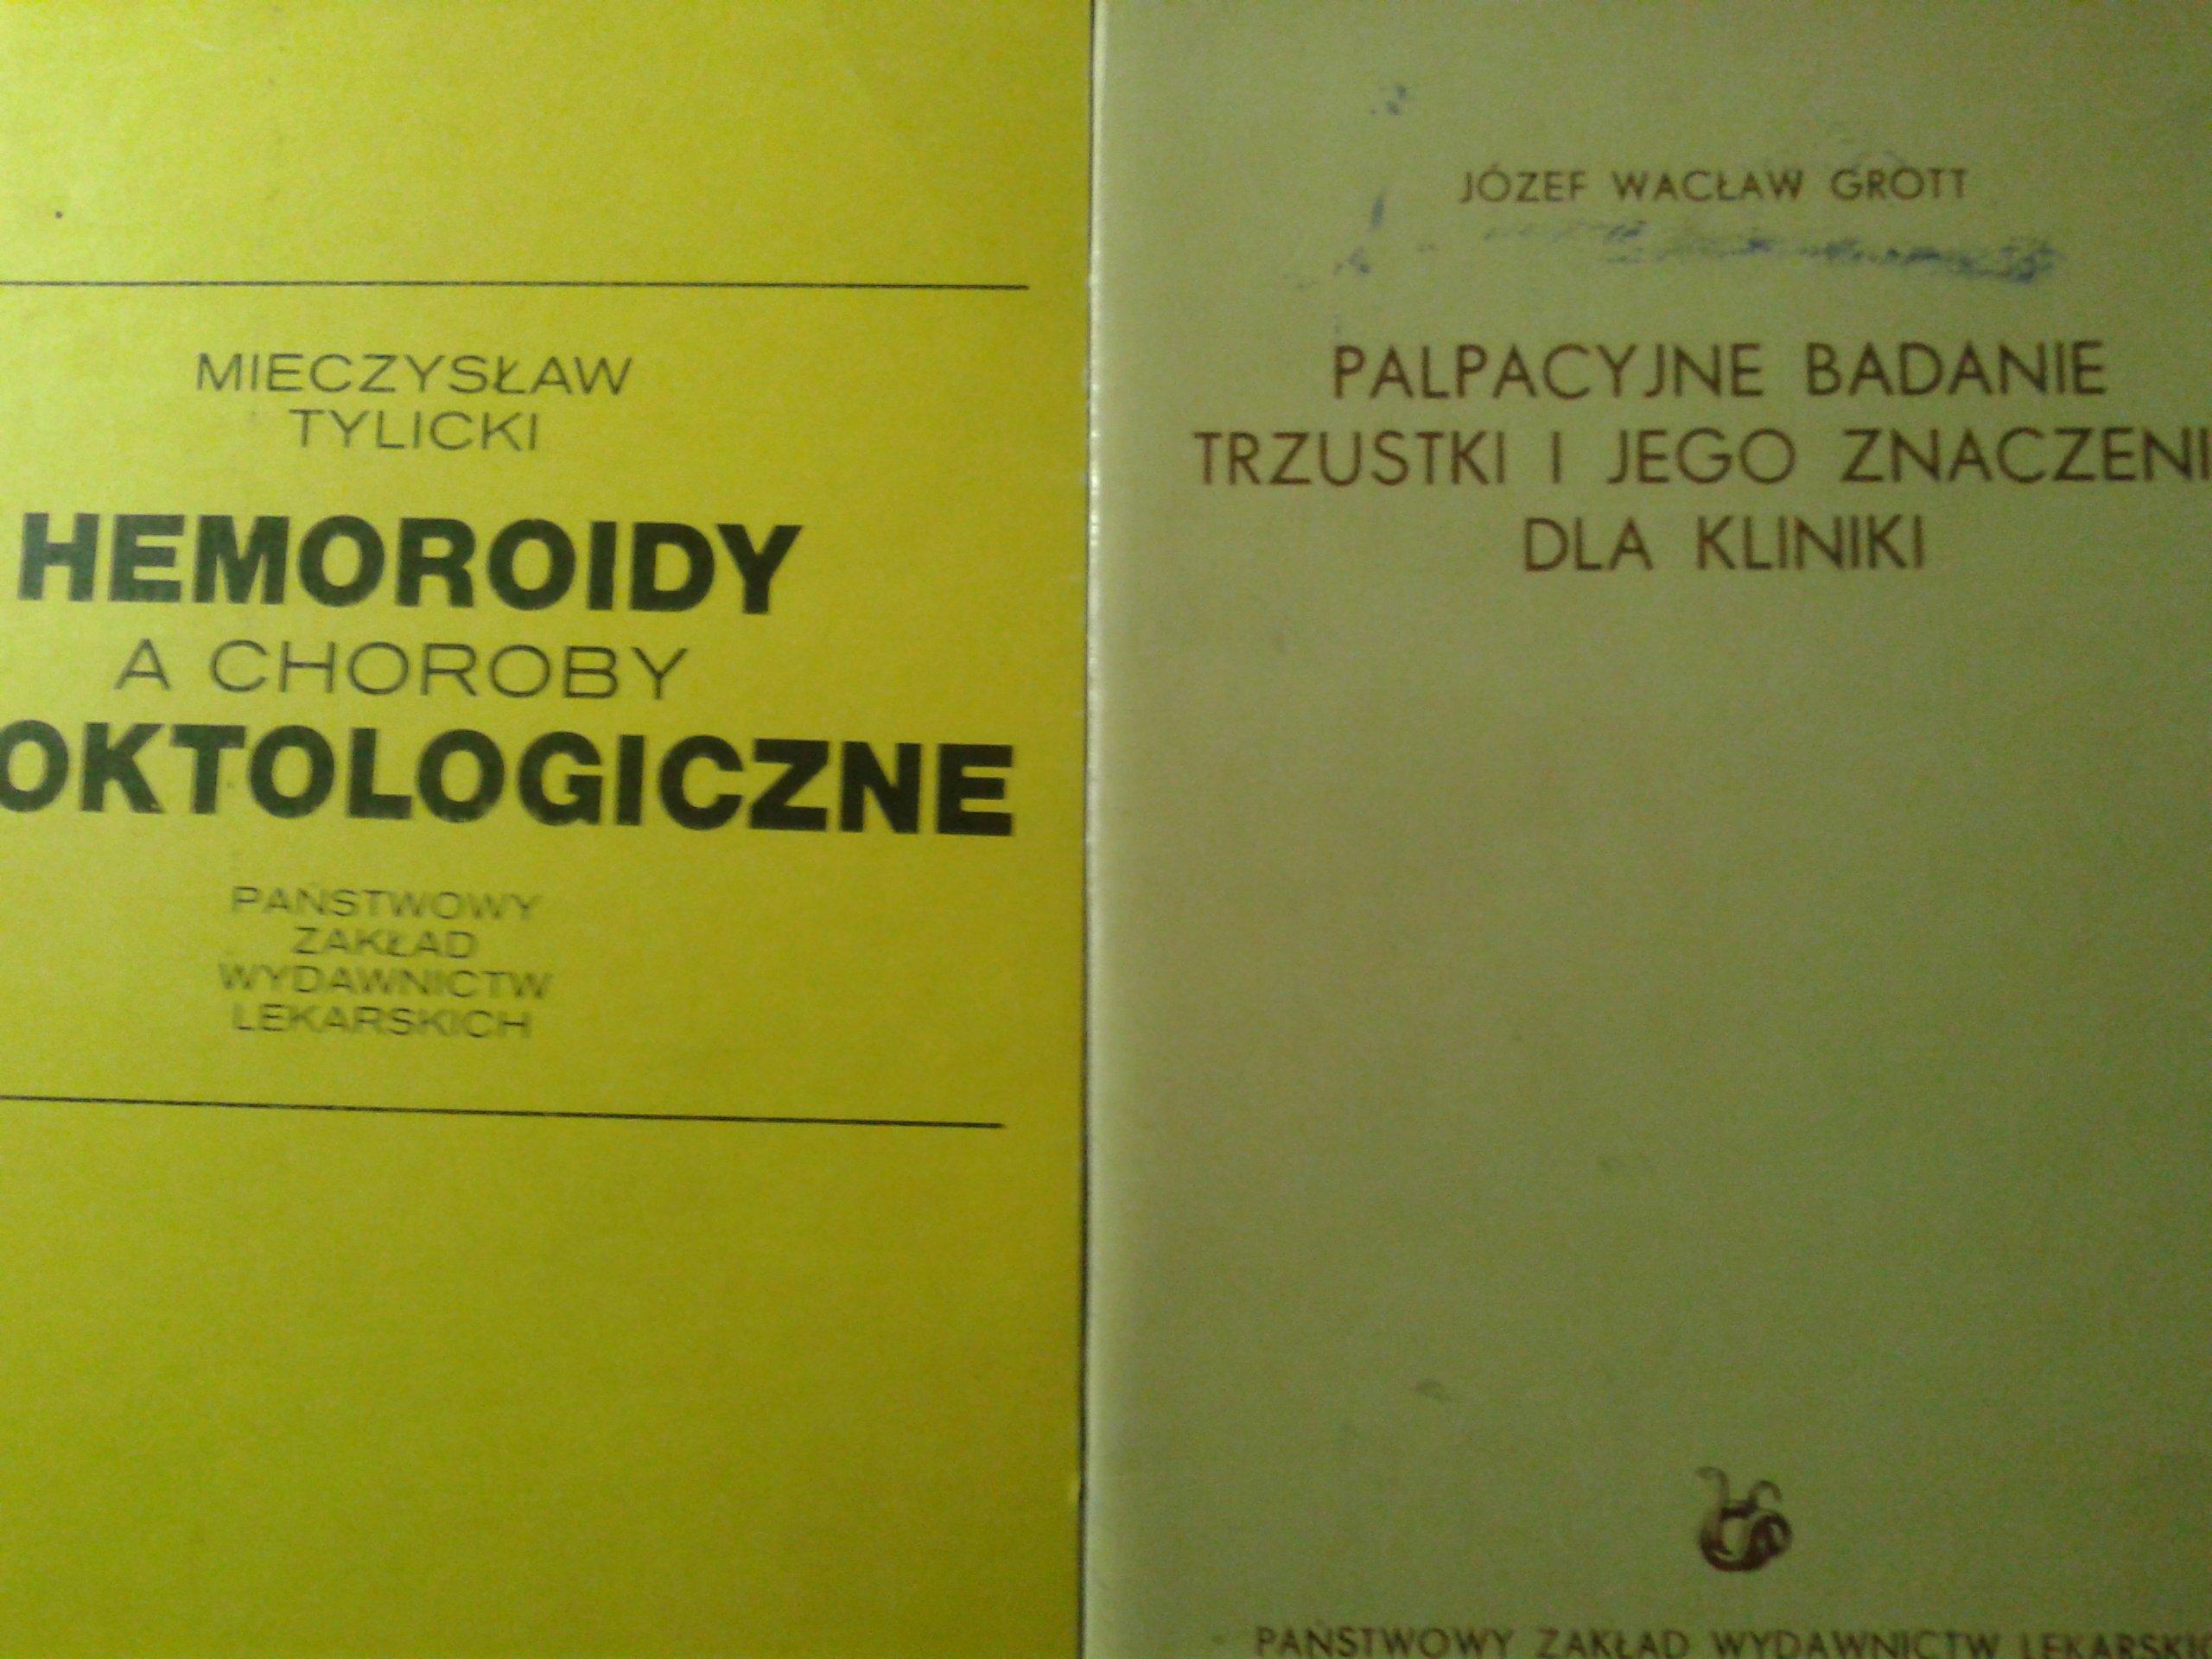 2X PALPACYJNE BADANIE TRZUSTKI/HEMOROIDY A CHOROBY